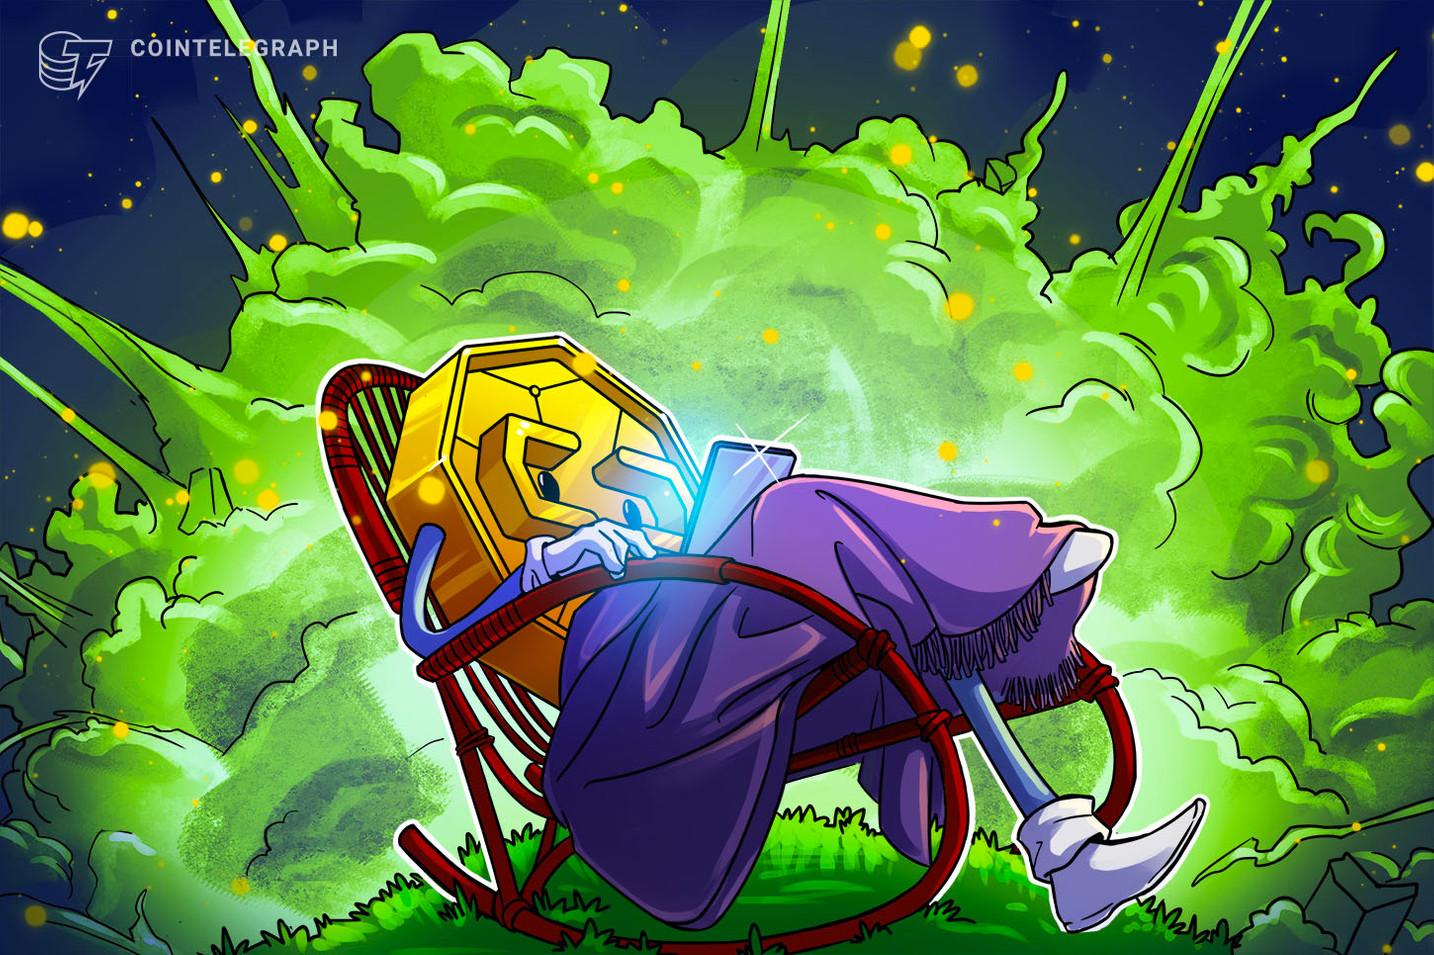 Ravencoin (RVN) gana 865% a medida que crece el interés por los valores tokenizados